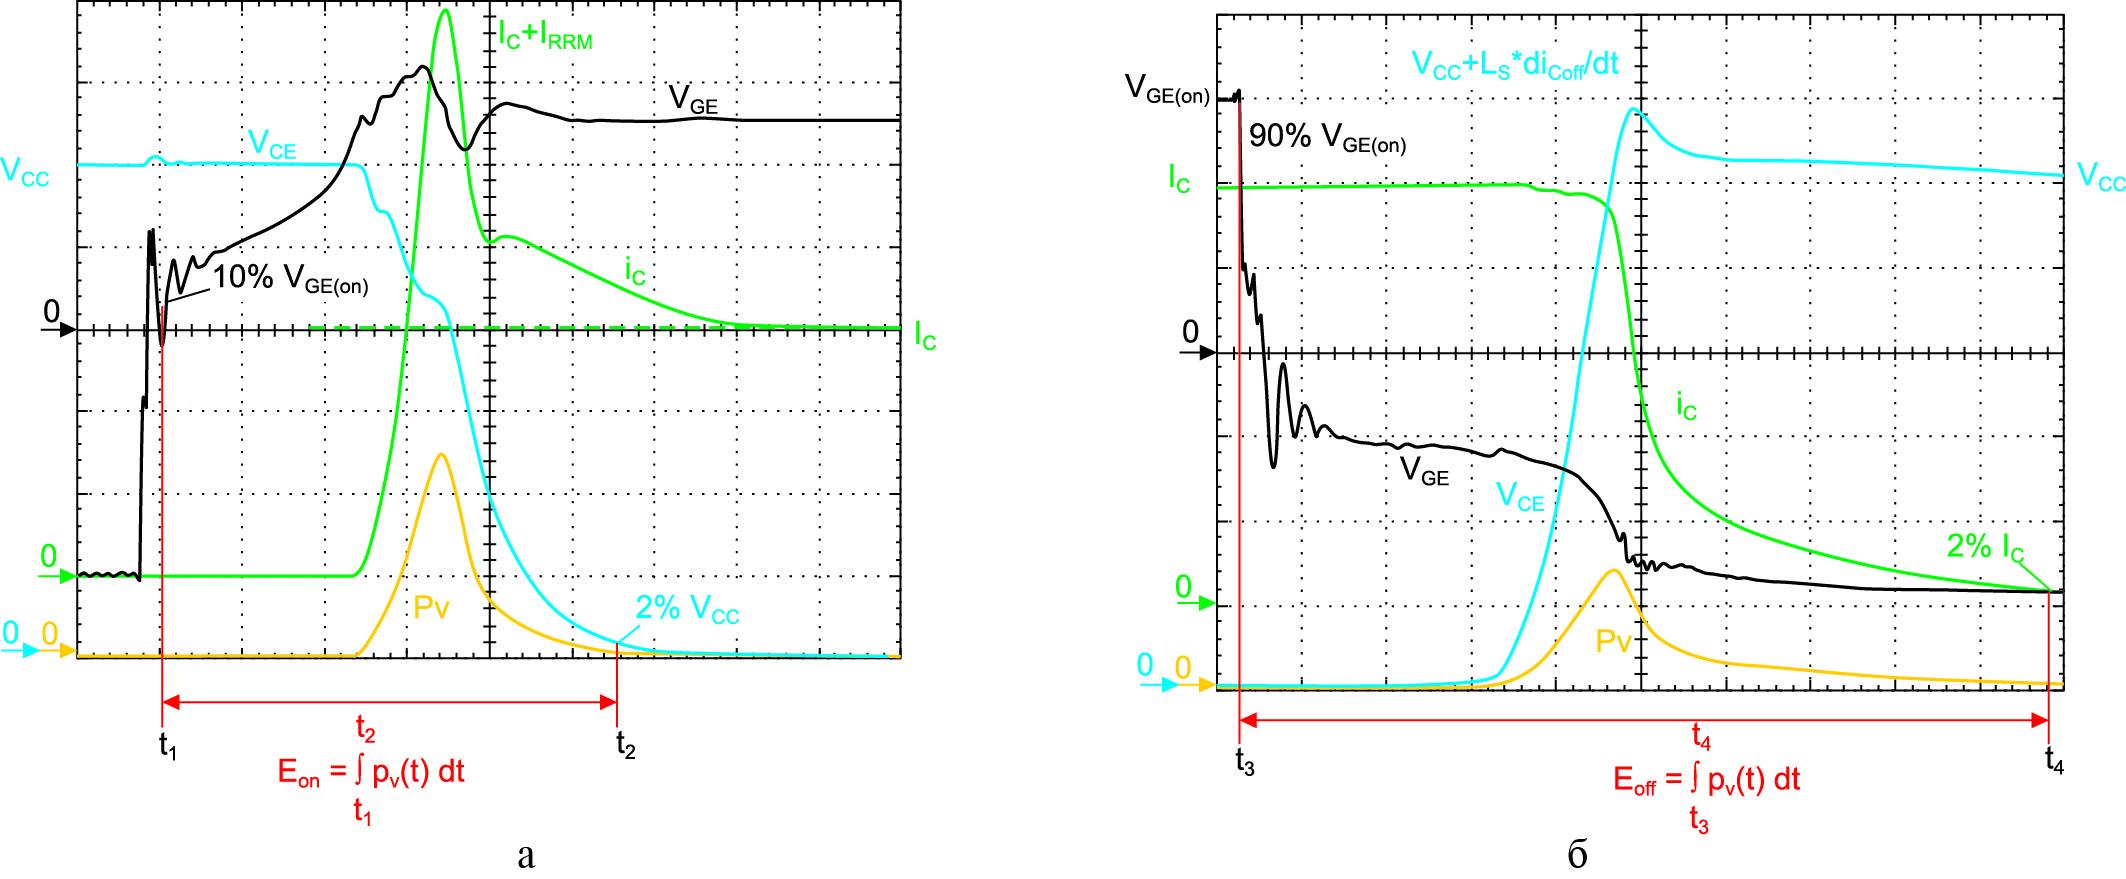 Измерение энергии потерь Eon, Eoff по стандарту IEC 60747-9